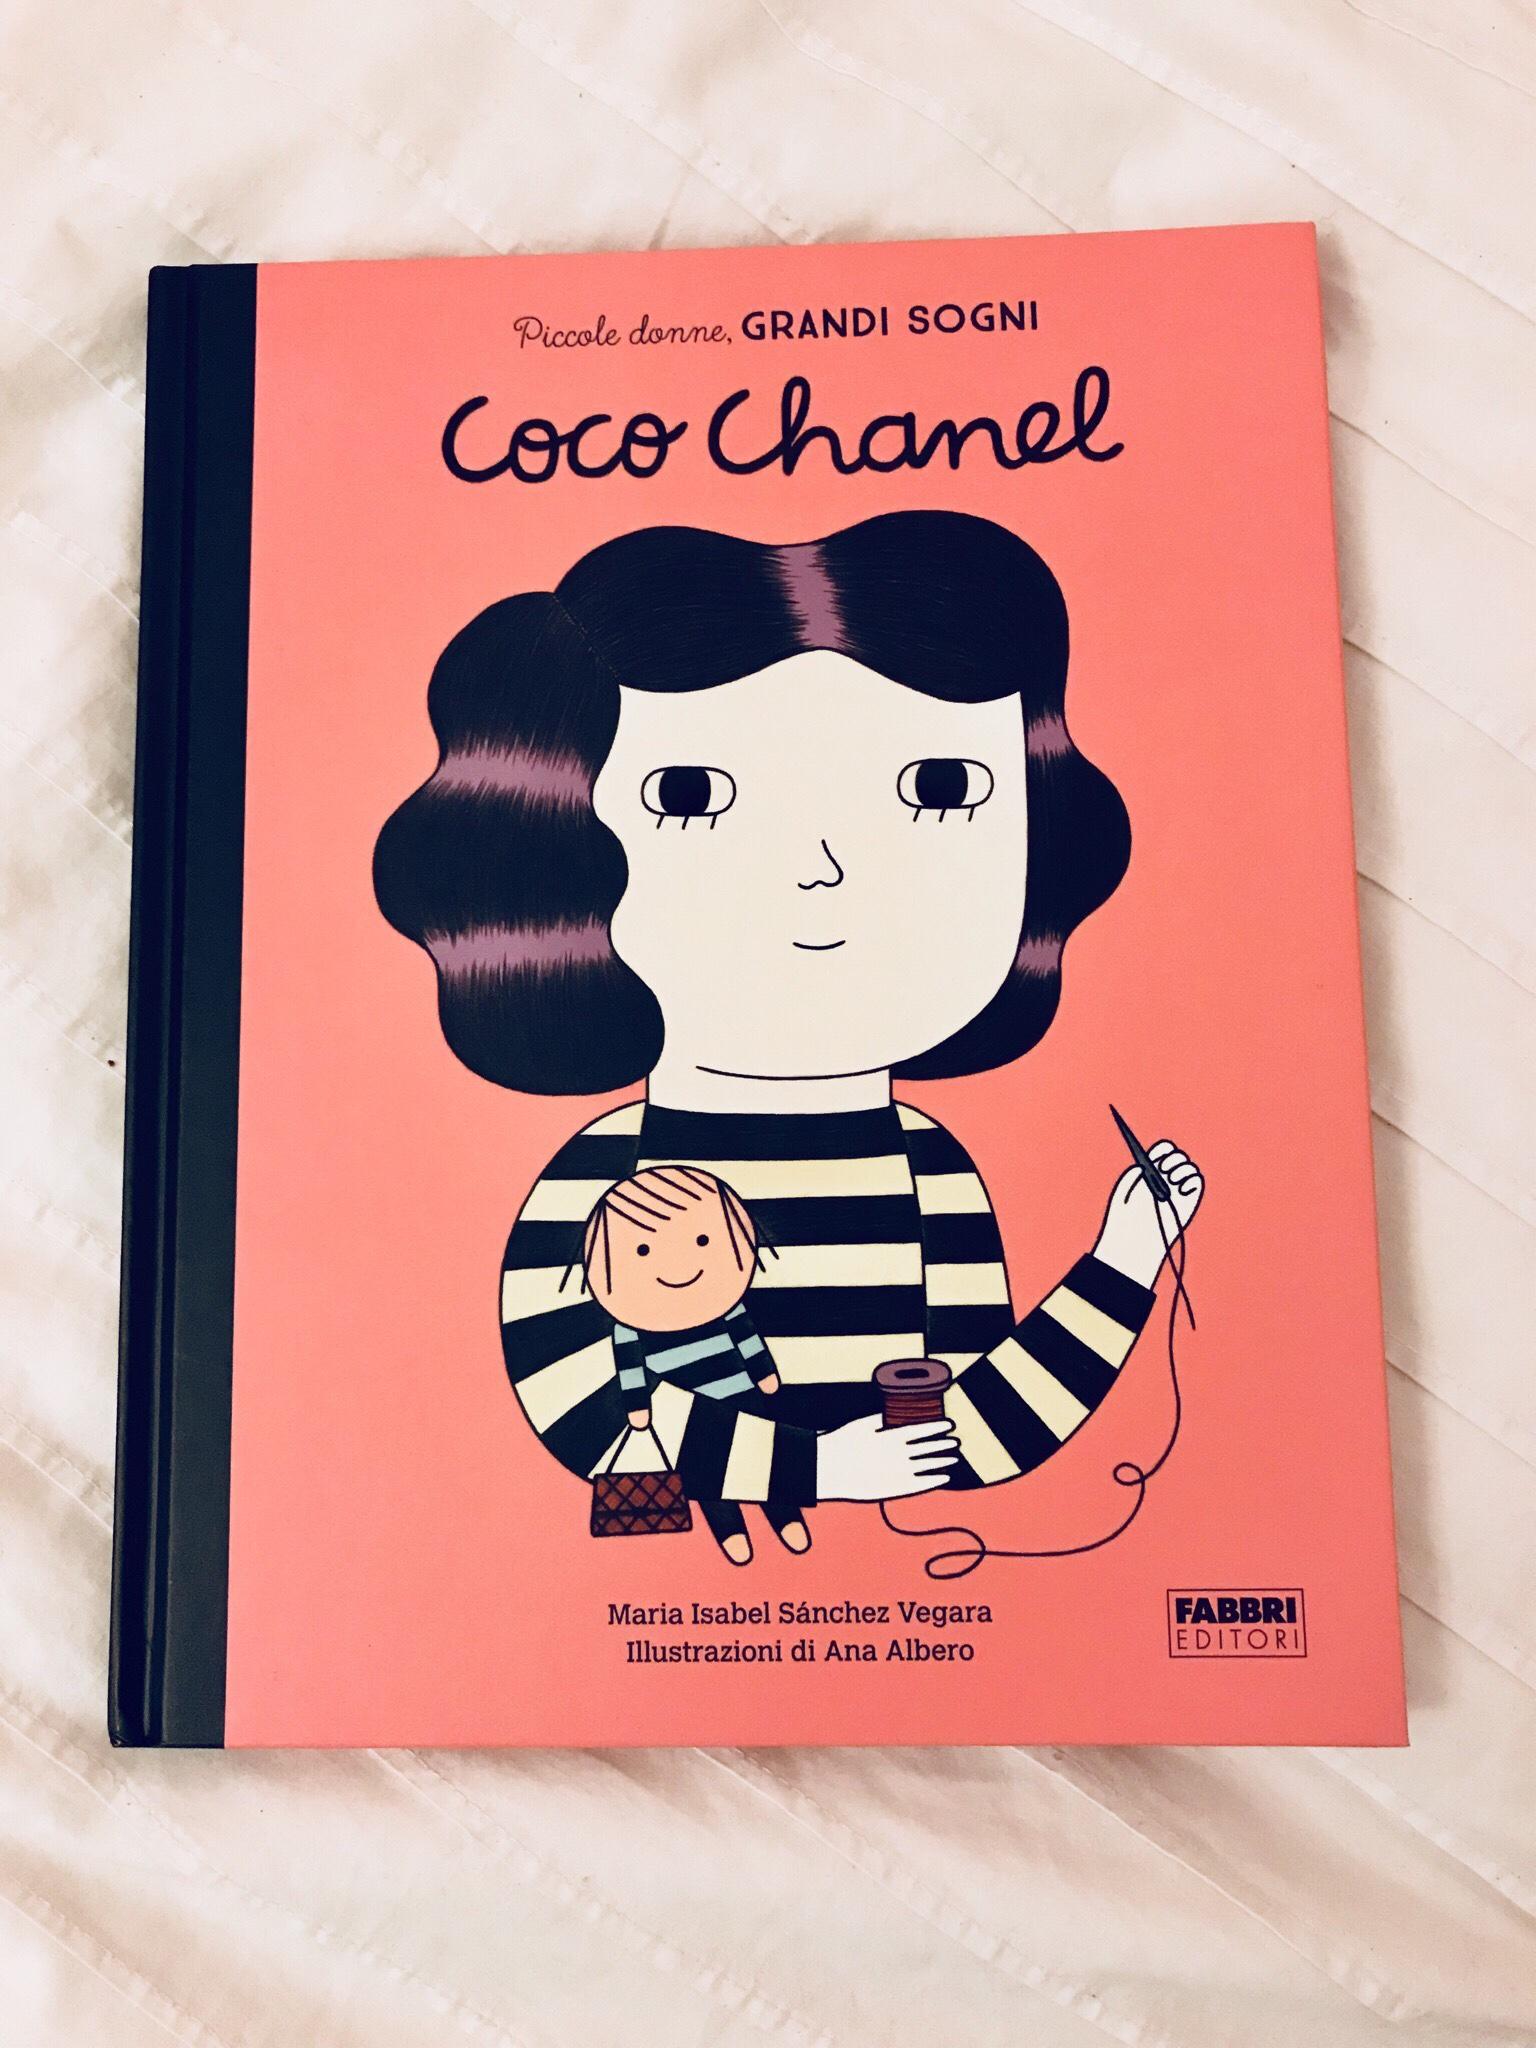 Vi consiglio un libro per bambini: Coco Chanel. Piccole donne, grandi sogni. Fabbri EDITORE